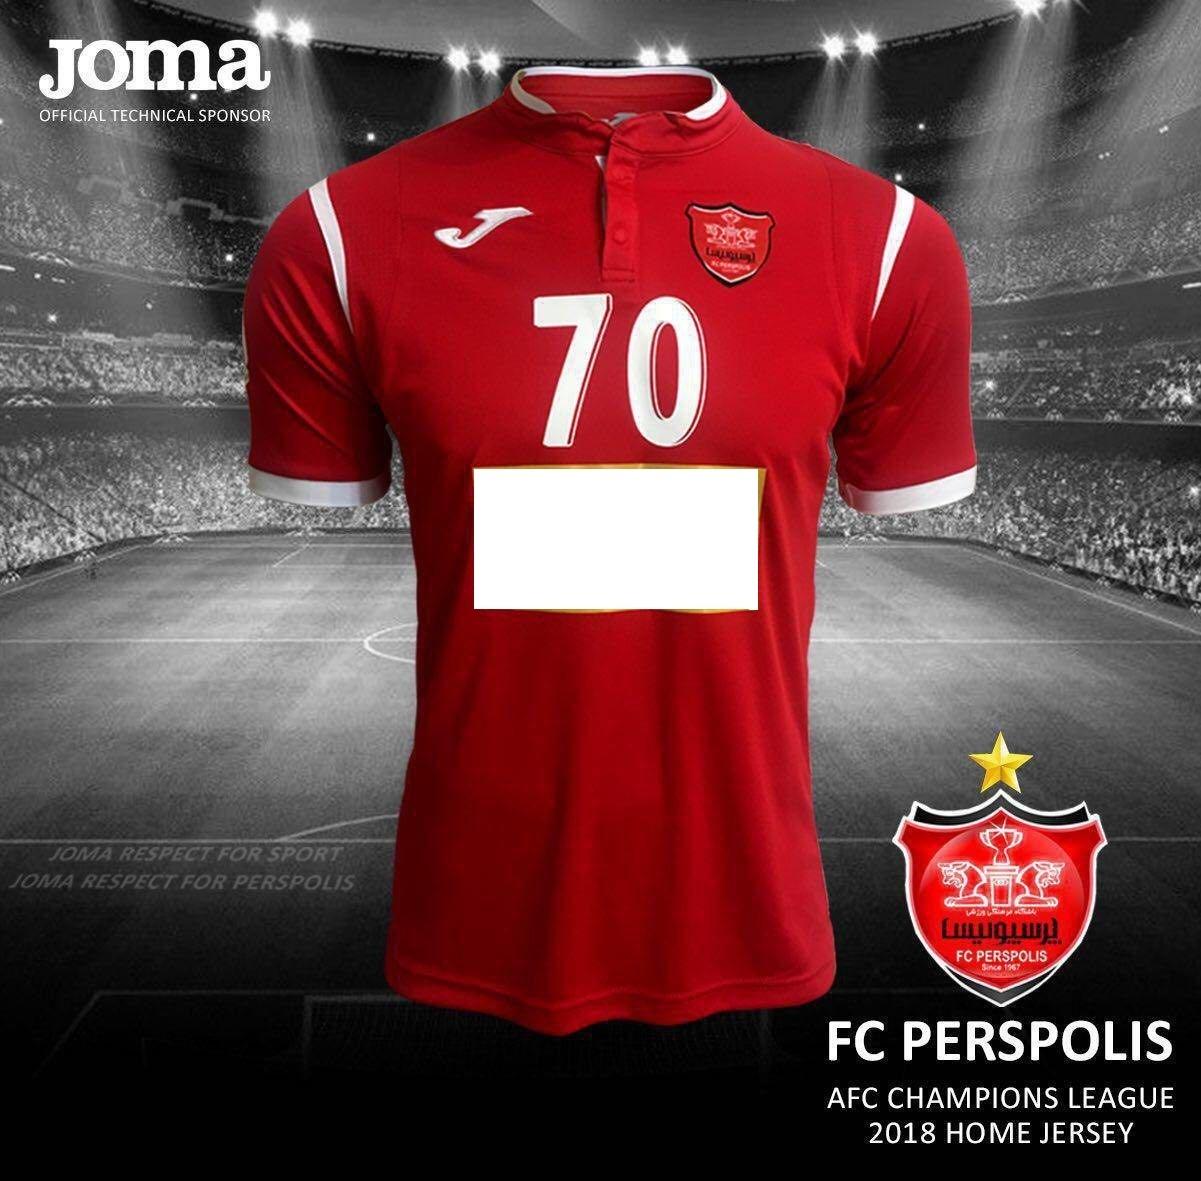 پیراهن جدید پرسپولیس برای لیگ قهرمانان2018